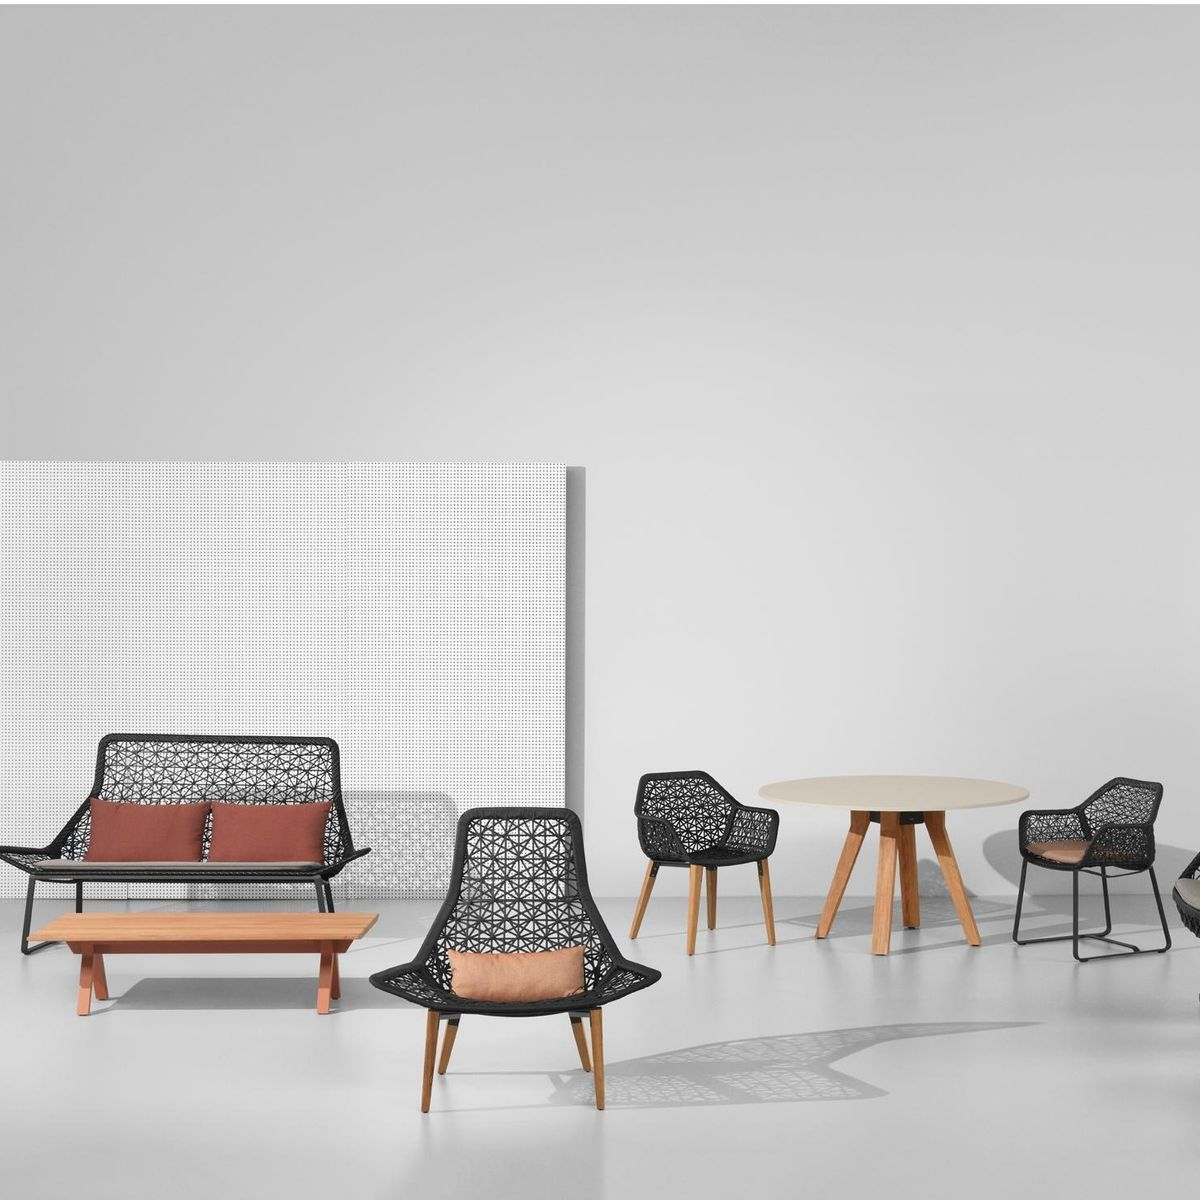 Maia - Chaise avec accoud./ chaise de jardin | Patricia urquiola